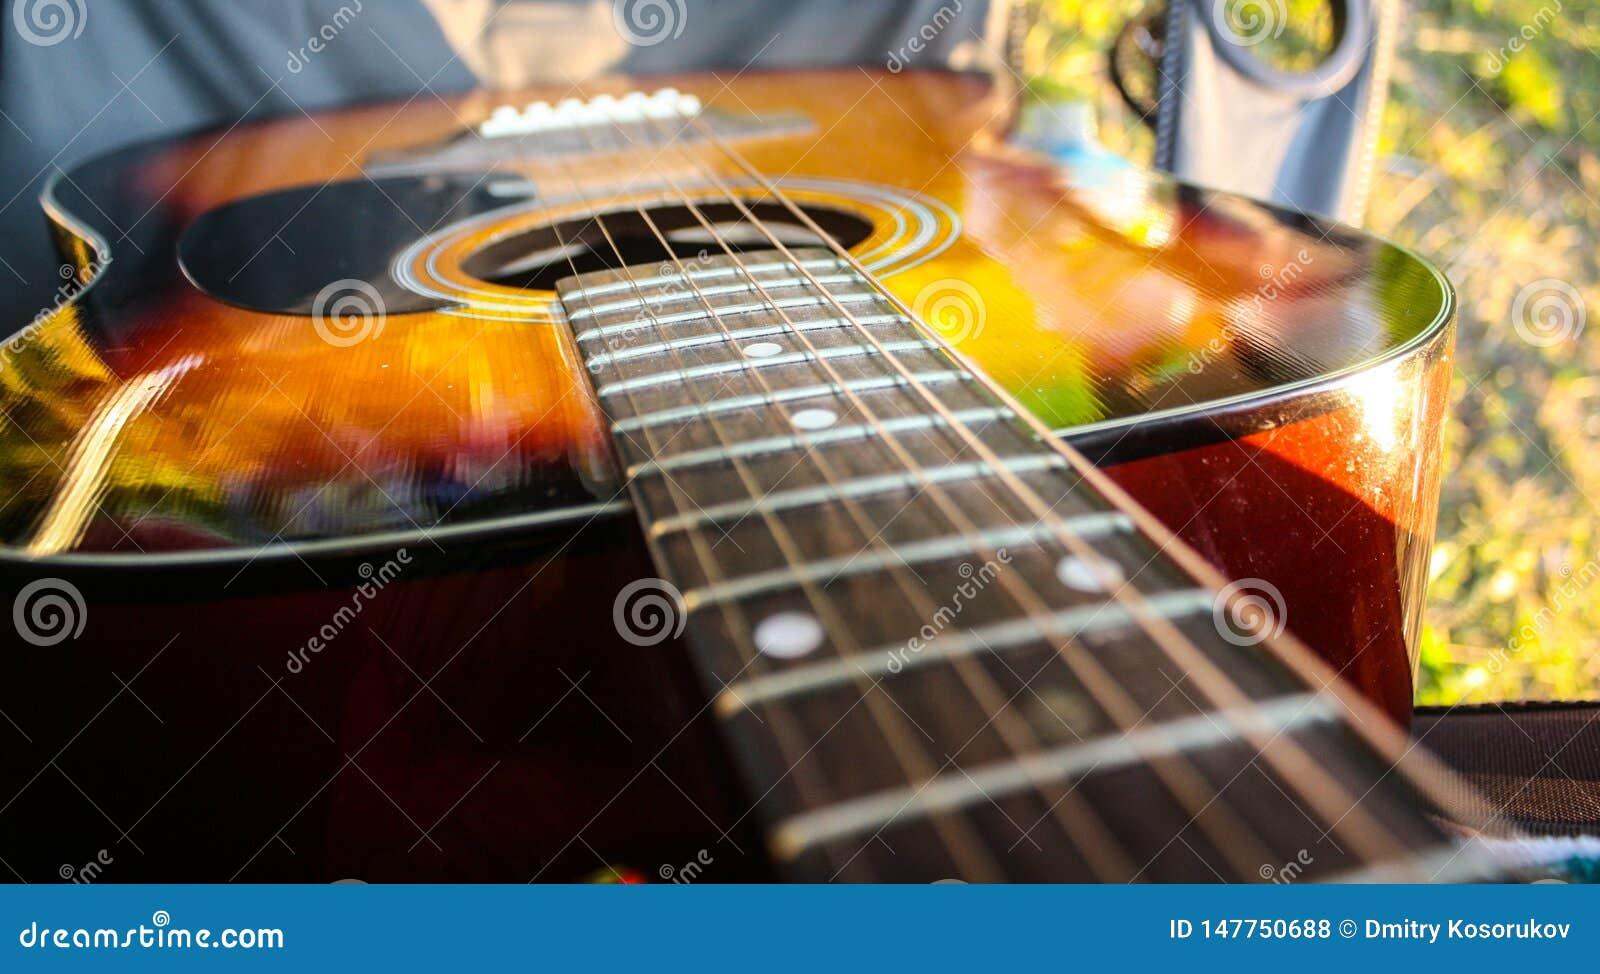 Akustyczna pomarańczowa gitara na campingu